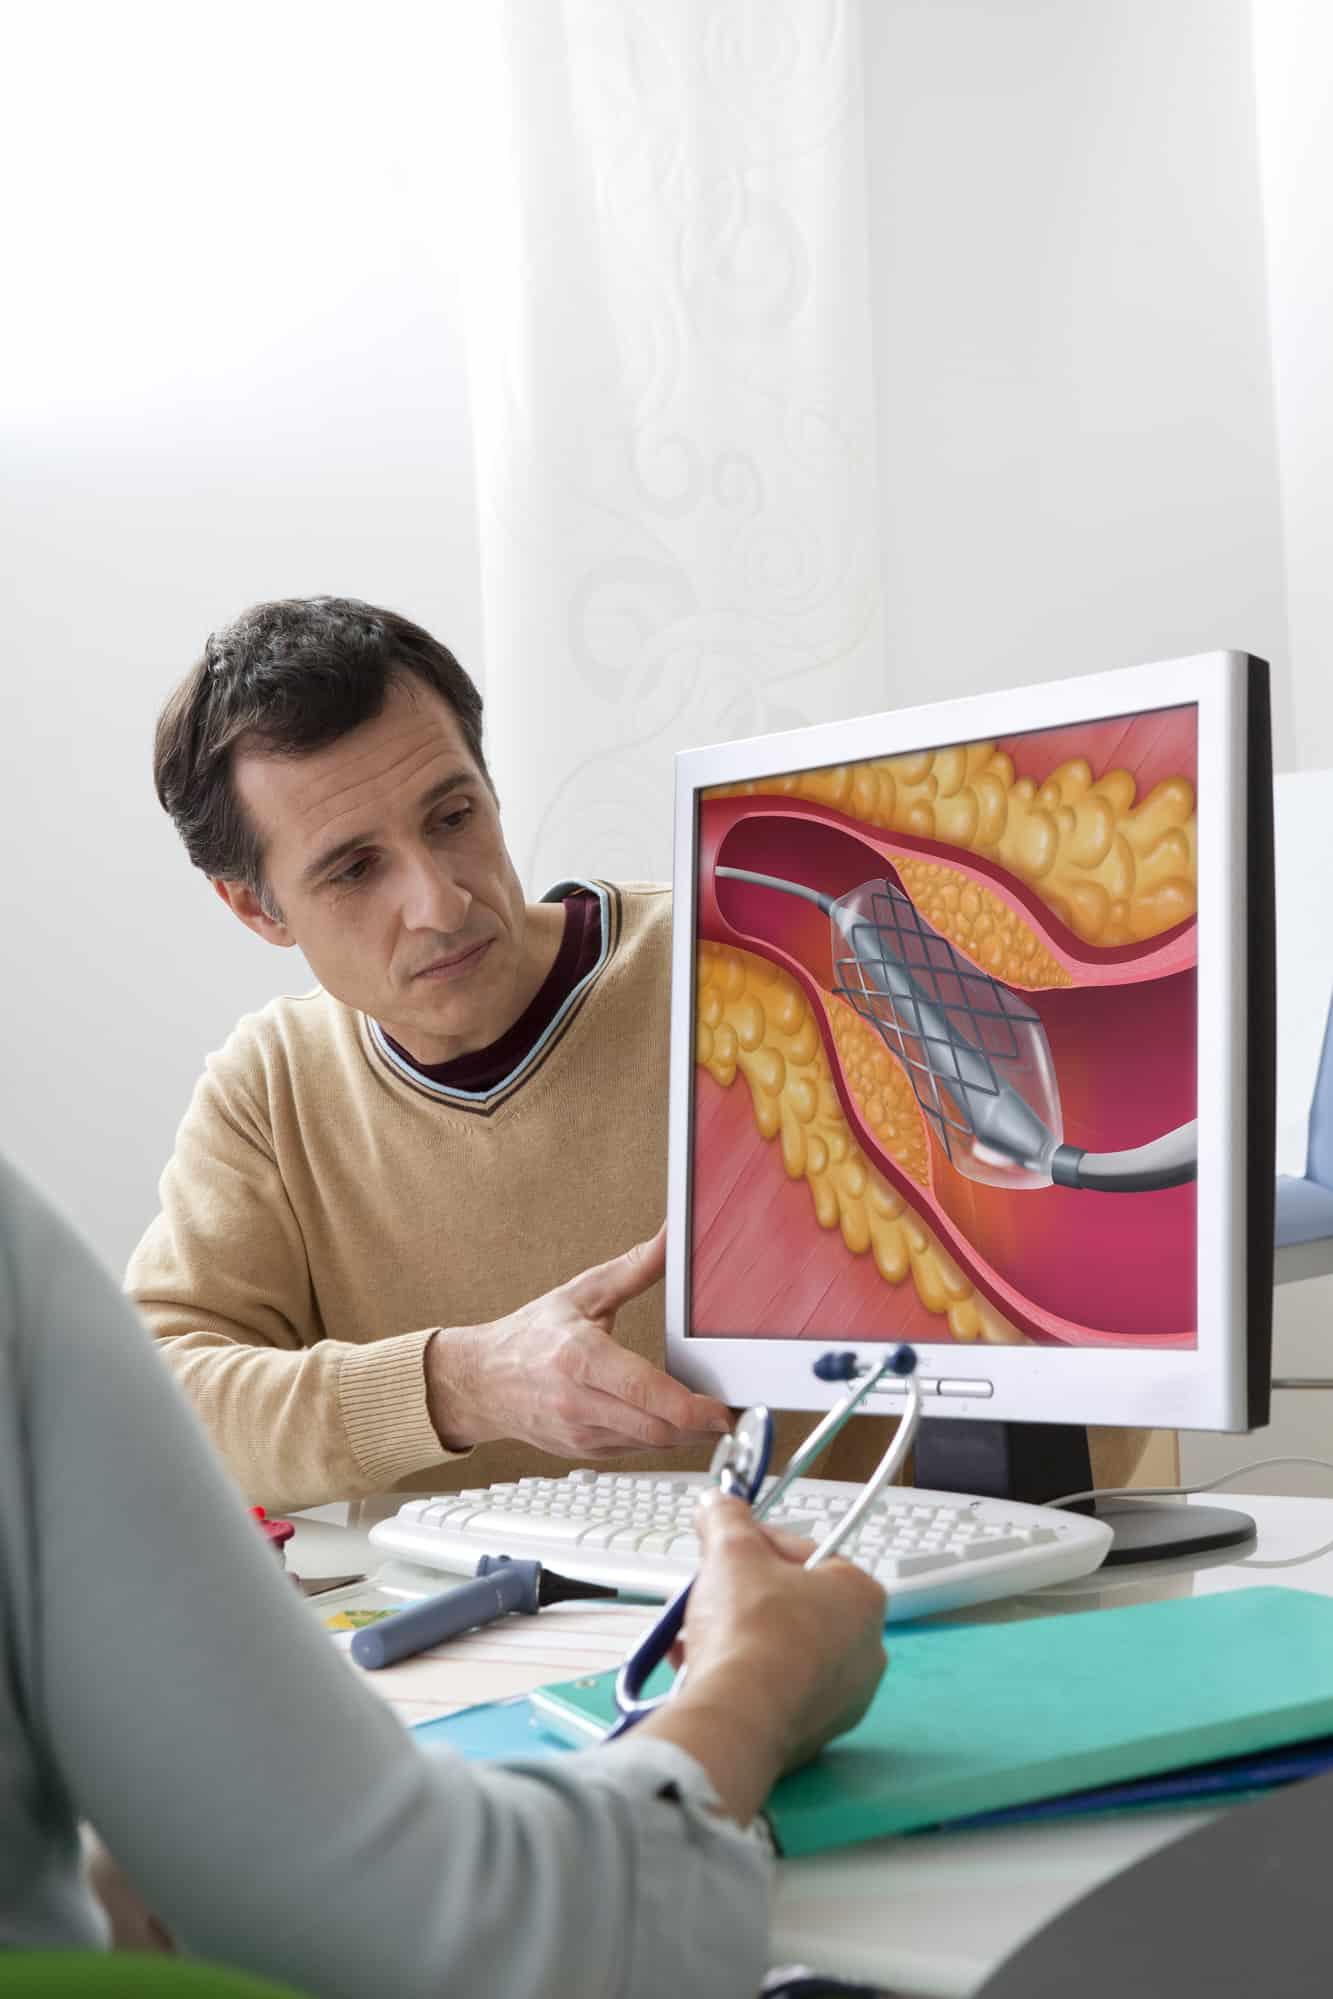 Como usar óleos essenciais para melhorar a circulação e o fluxo sanguíneo! Benefícios do Óleo Essencial &quot;width =&quot; 1333 &quot;height =&quot; 1999 &quot;/&gt;</a></p><p>Quando se trata de problemas cardiovasculares, você tem várias opções de tratamento <a href=